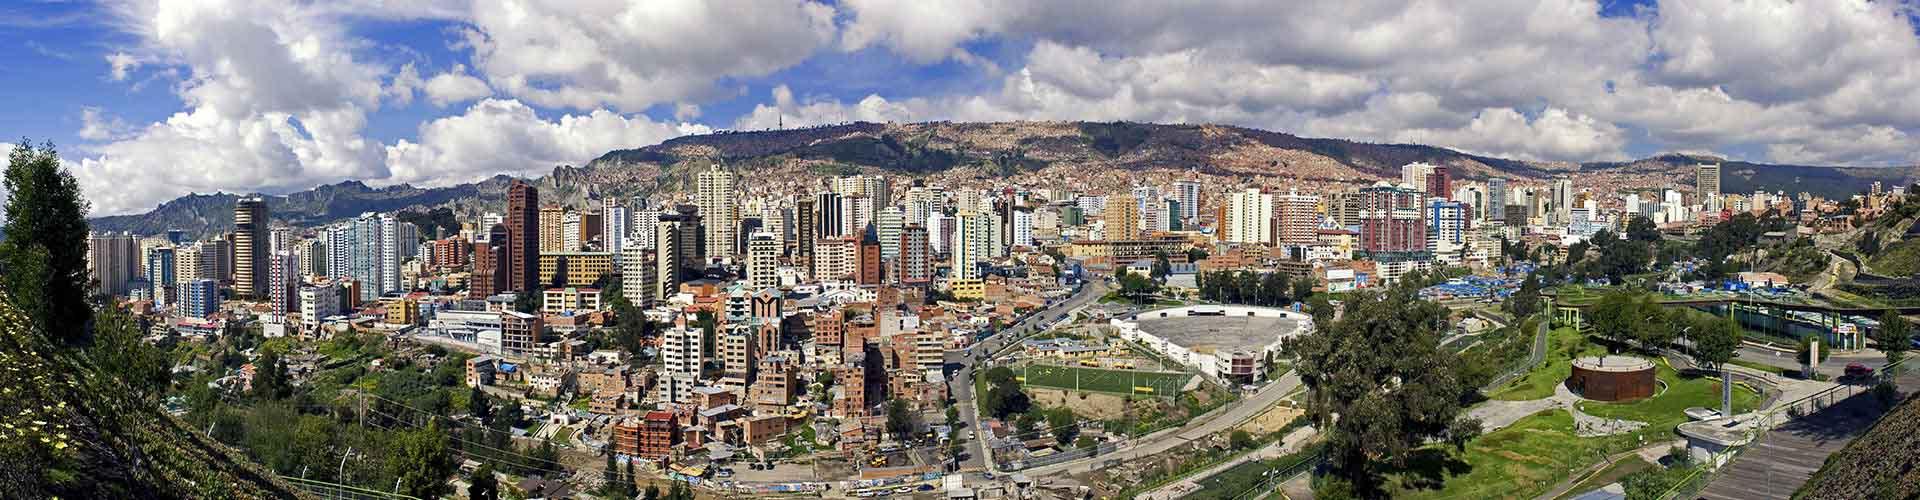 La Paz - Chambres à La Paz. Cartes pour La Paz, photos et commentaires pour chaque chambre à La Paz.